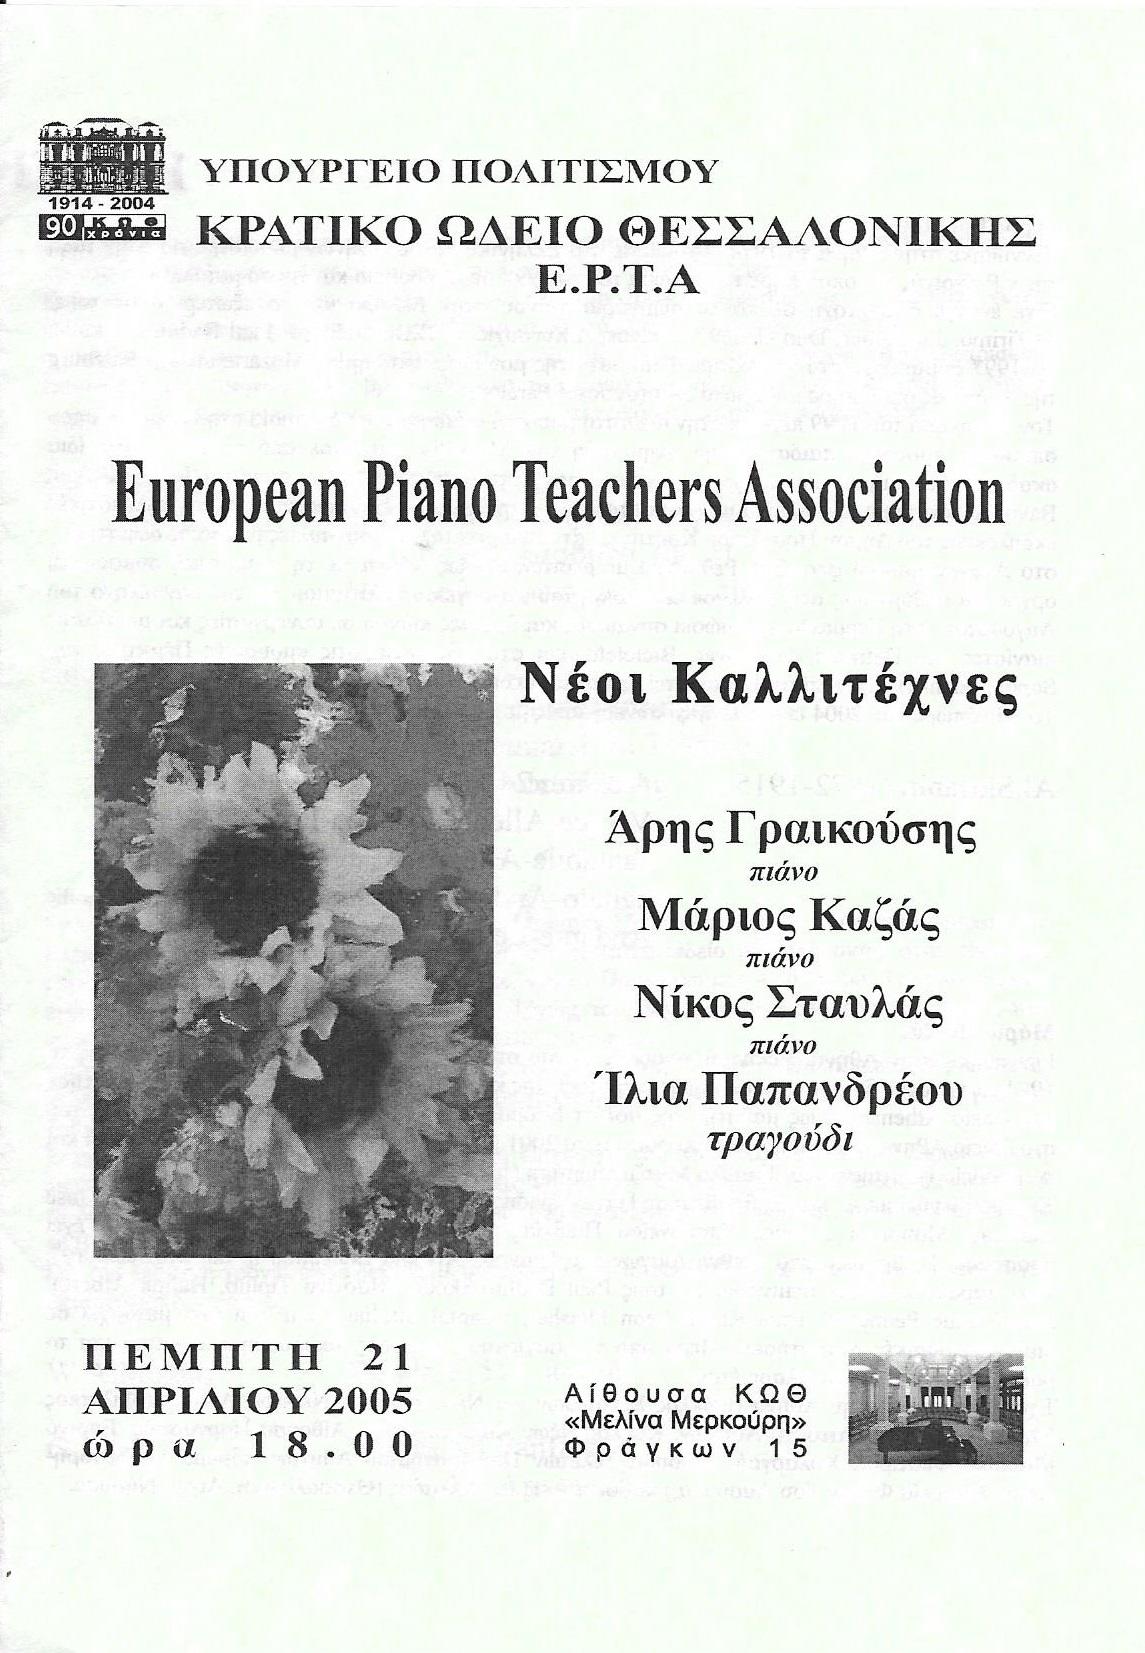 Ρεσιτάλ πιάνου από το Κρατικό Ωδείο Θεσσαλονίκης (Ε.Ρ.Τ.Α.)